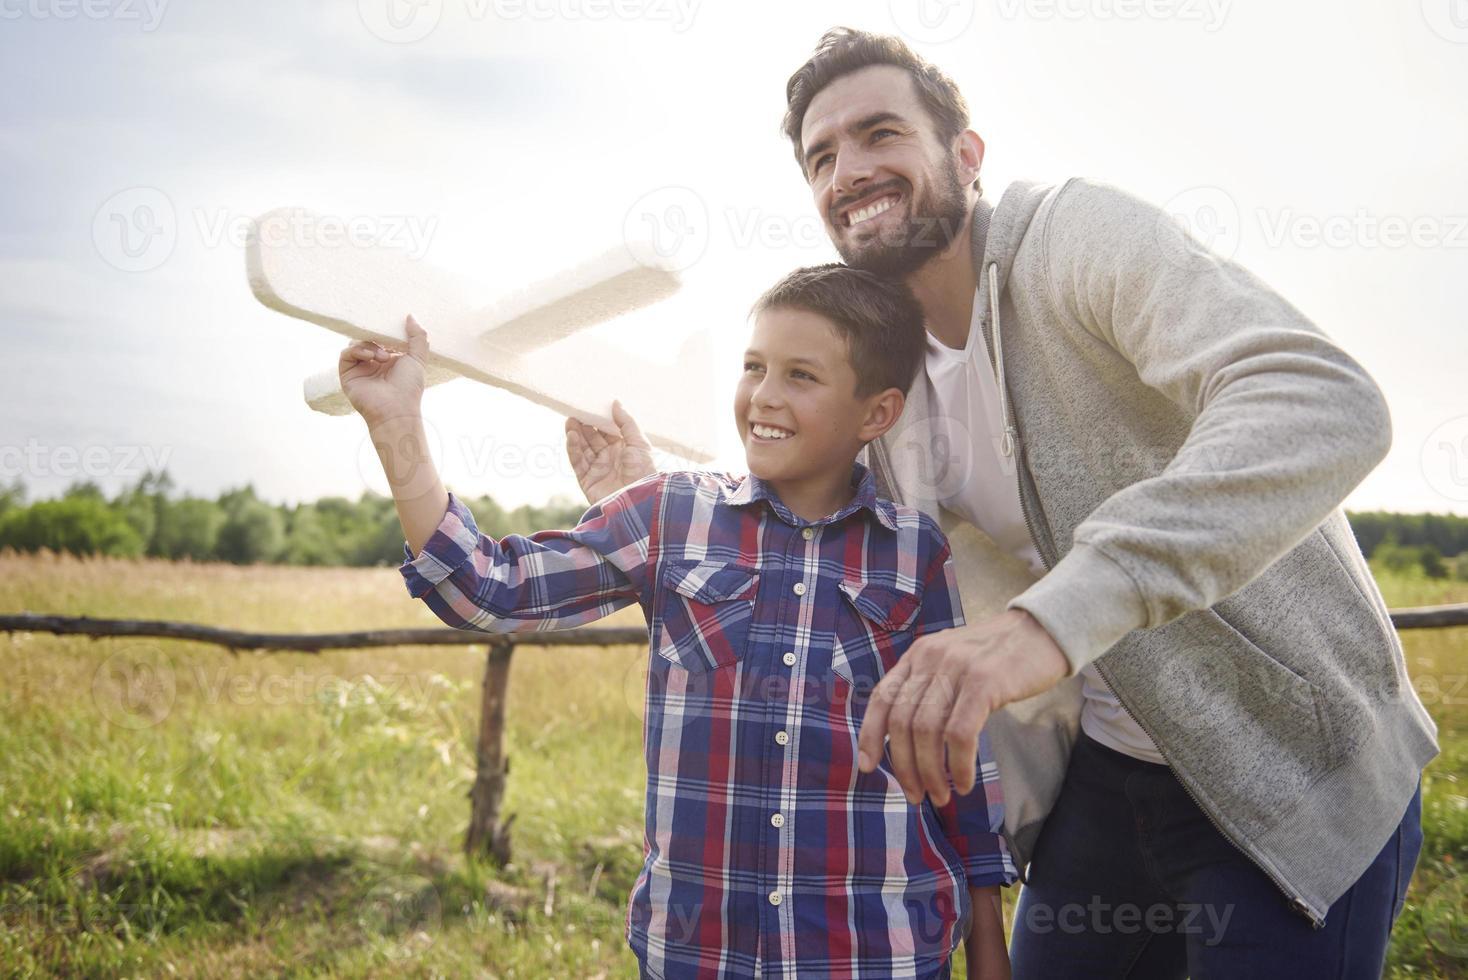 padre e hijo probando un avión de papel foto